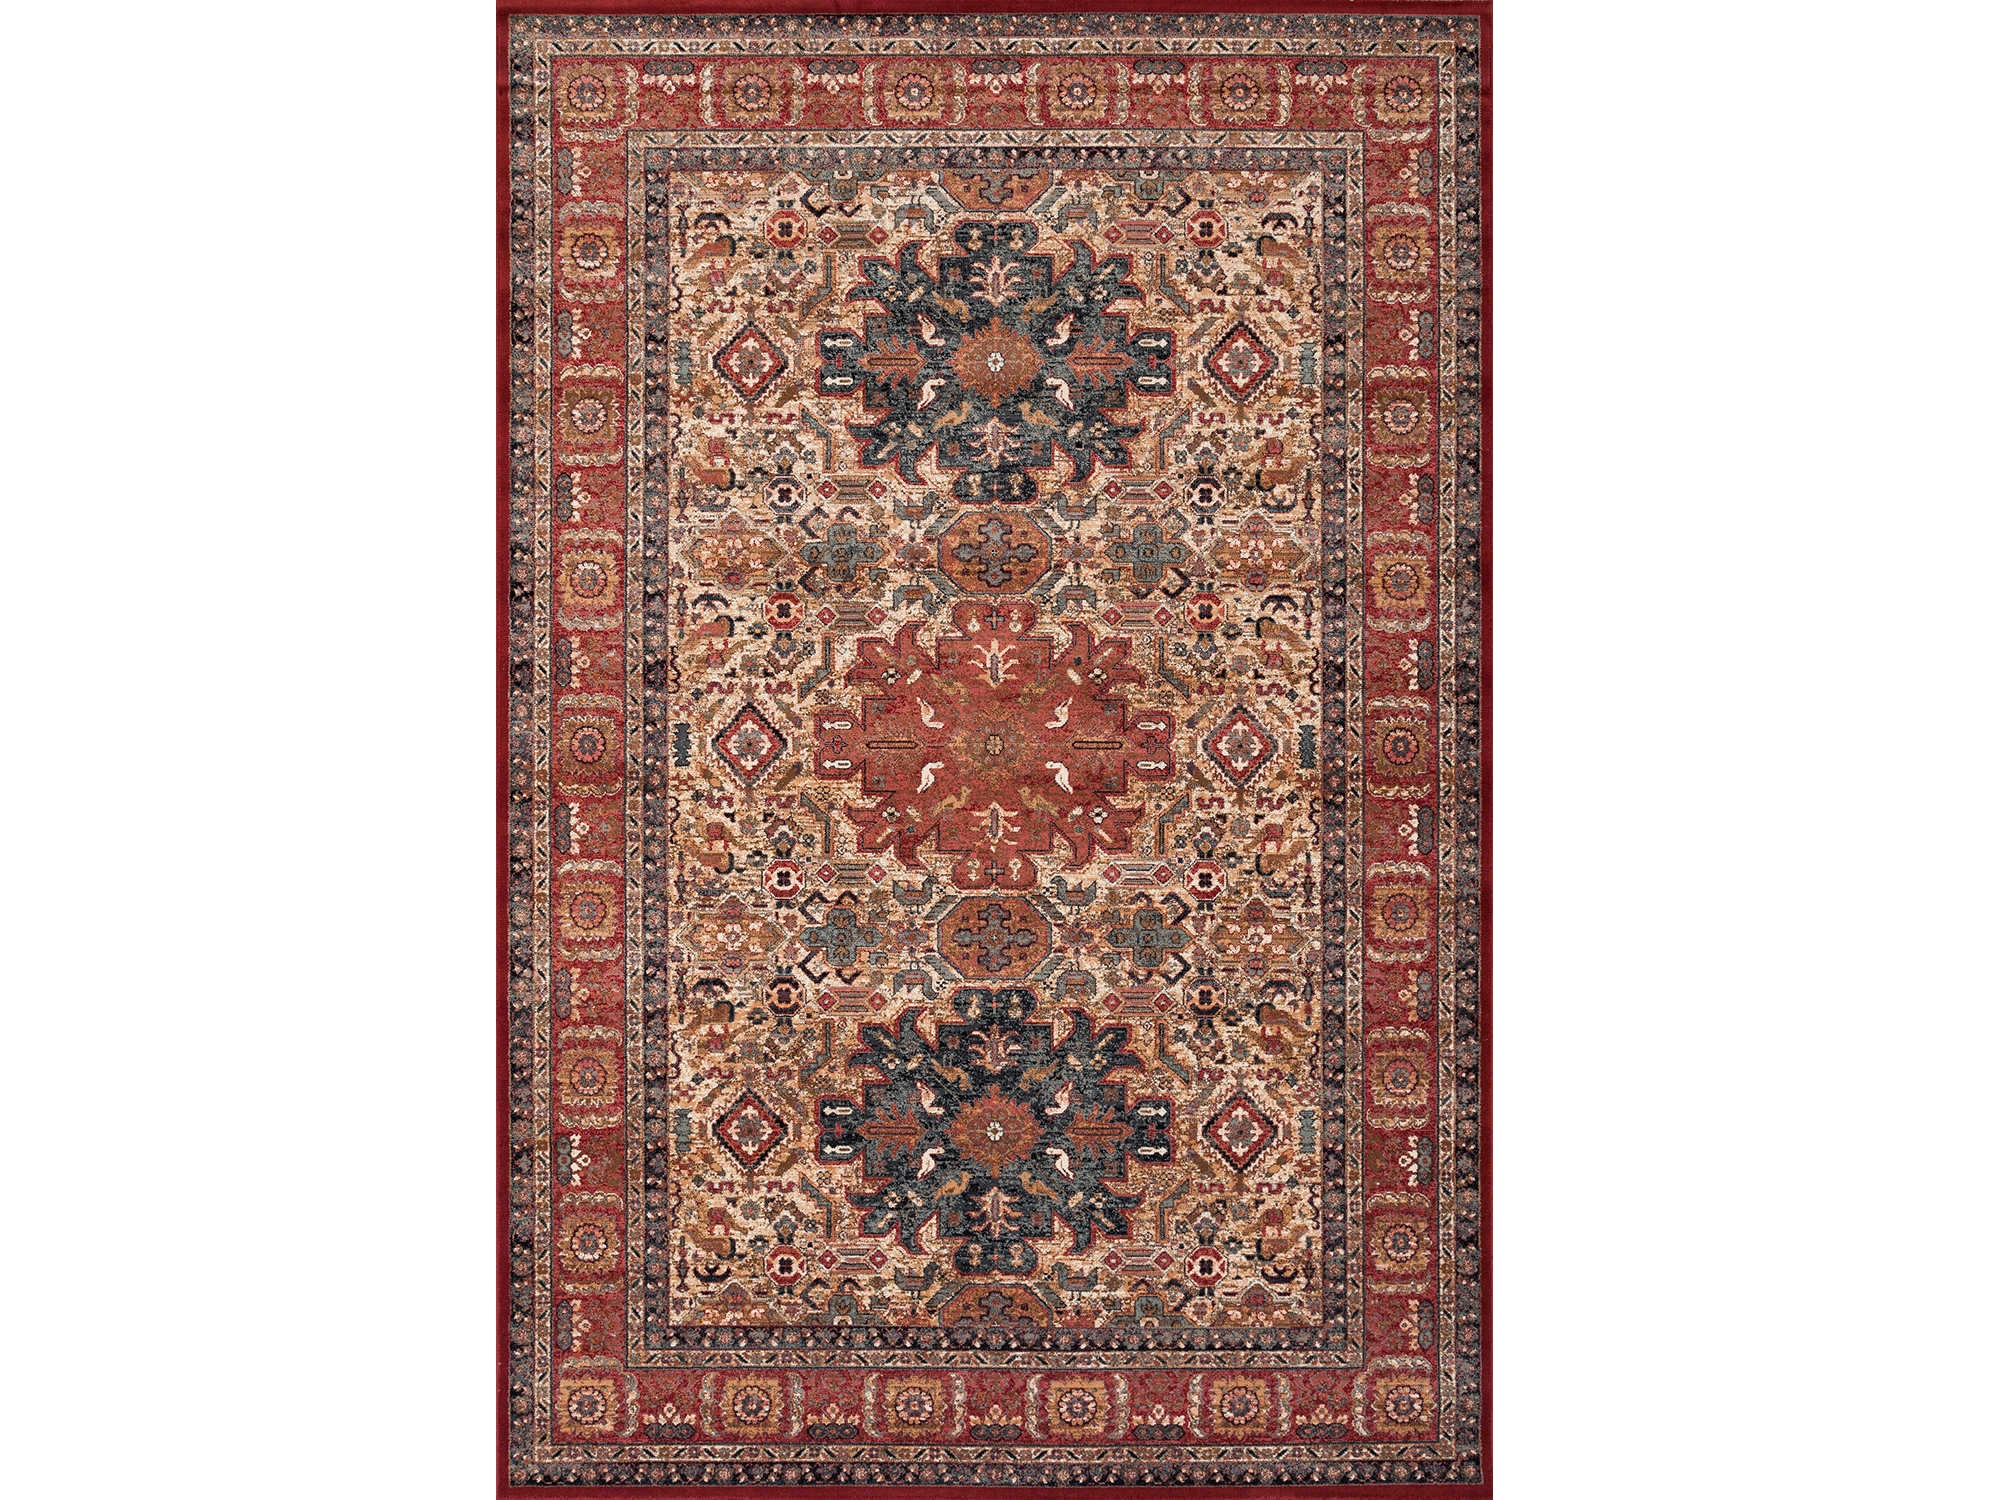 Ковер Royal keshаnПрямоугольные ковры<br>Размер: 2.5 х 3.5 м.<br><br>kit: None<br>gender: None